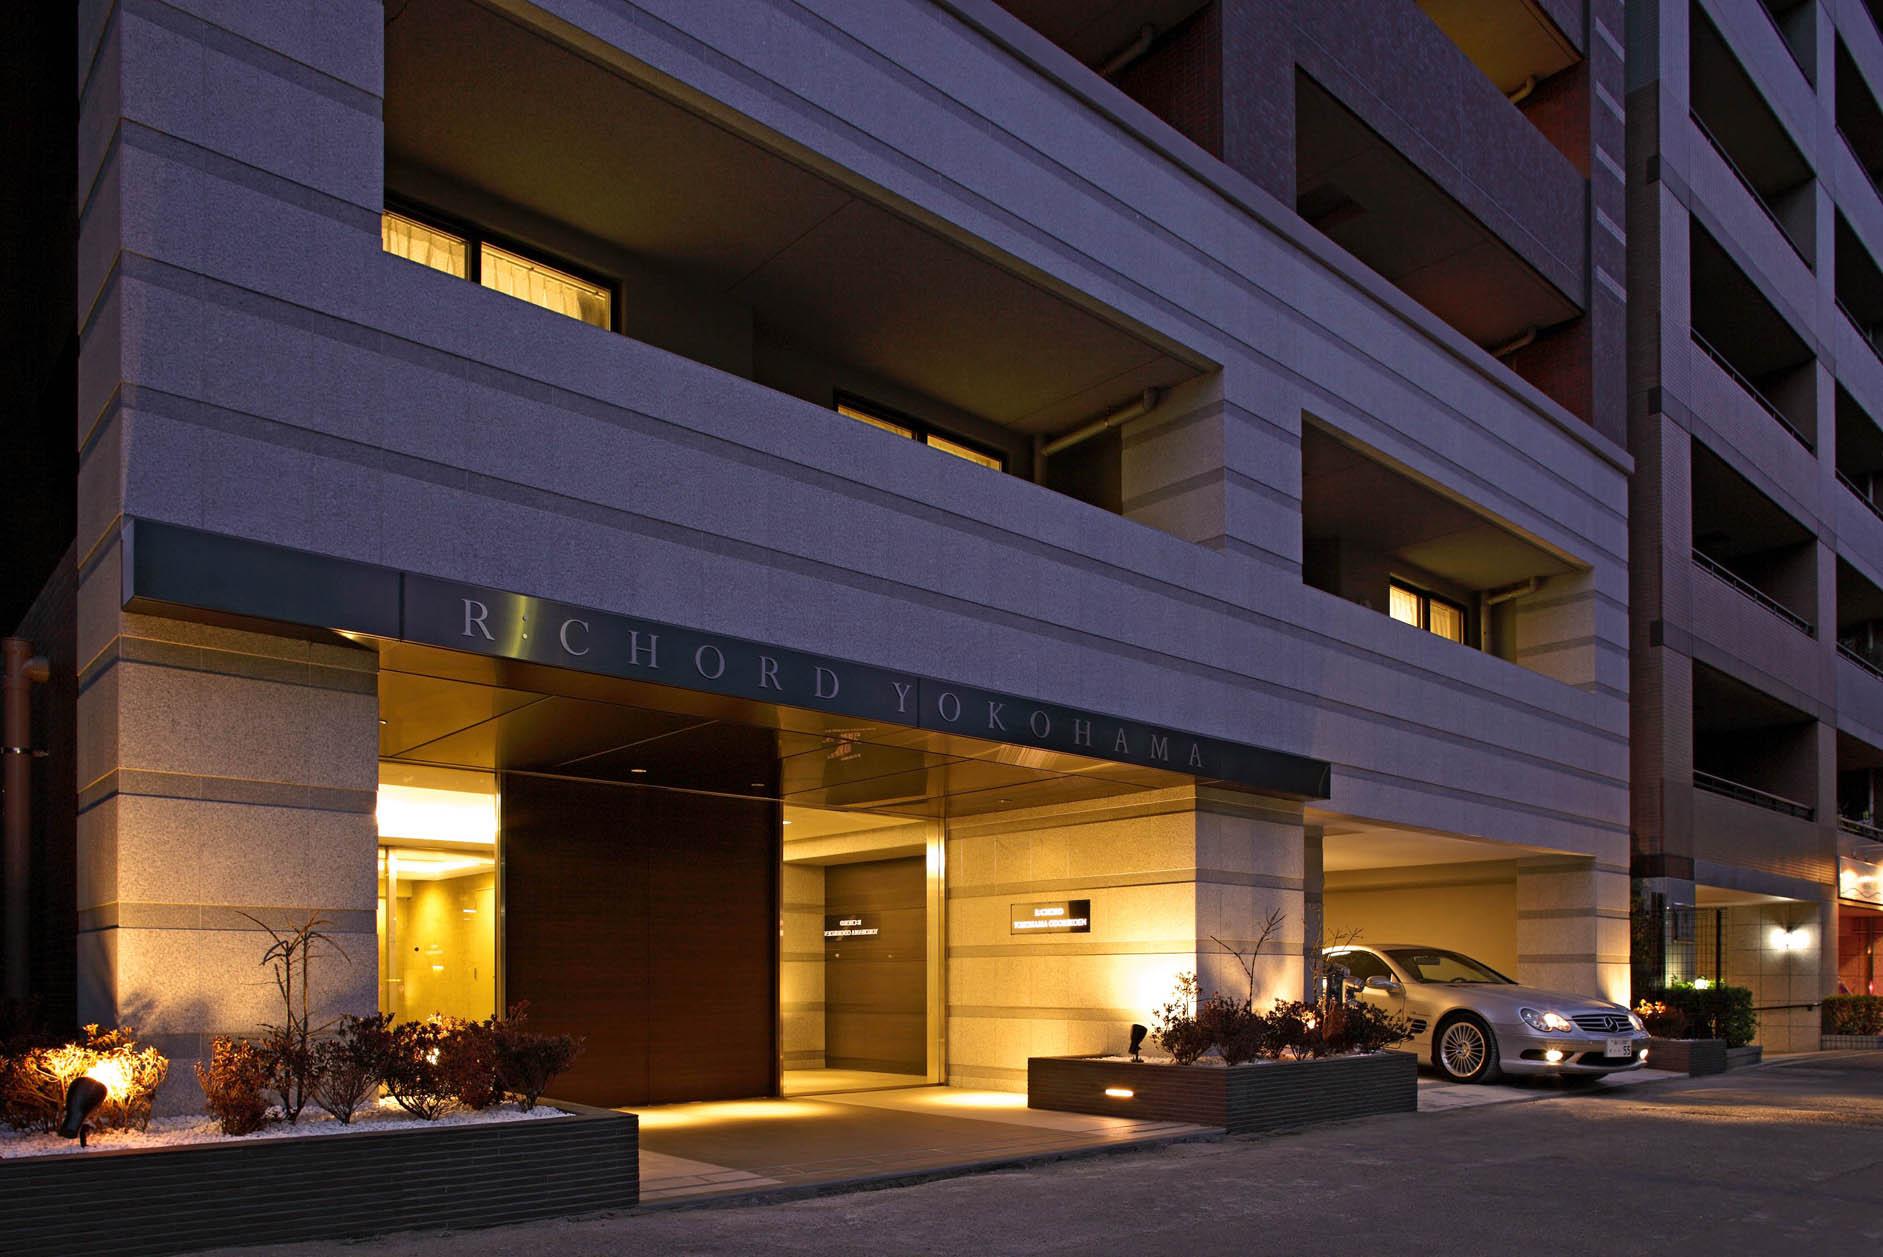 こだわりの素材と照明計画・植栽計画が、建物のエントランスにスタイリッシュさを与えます。 イメージ